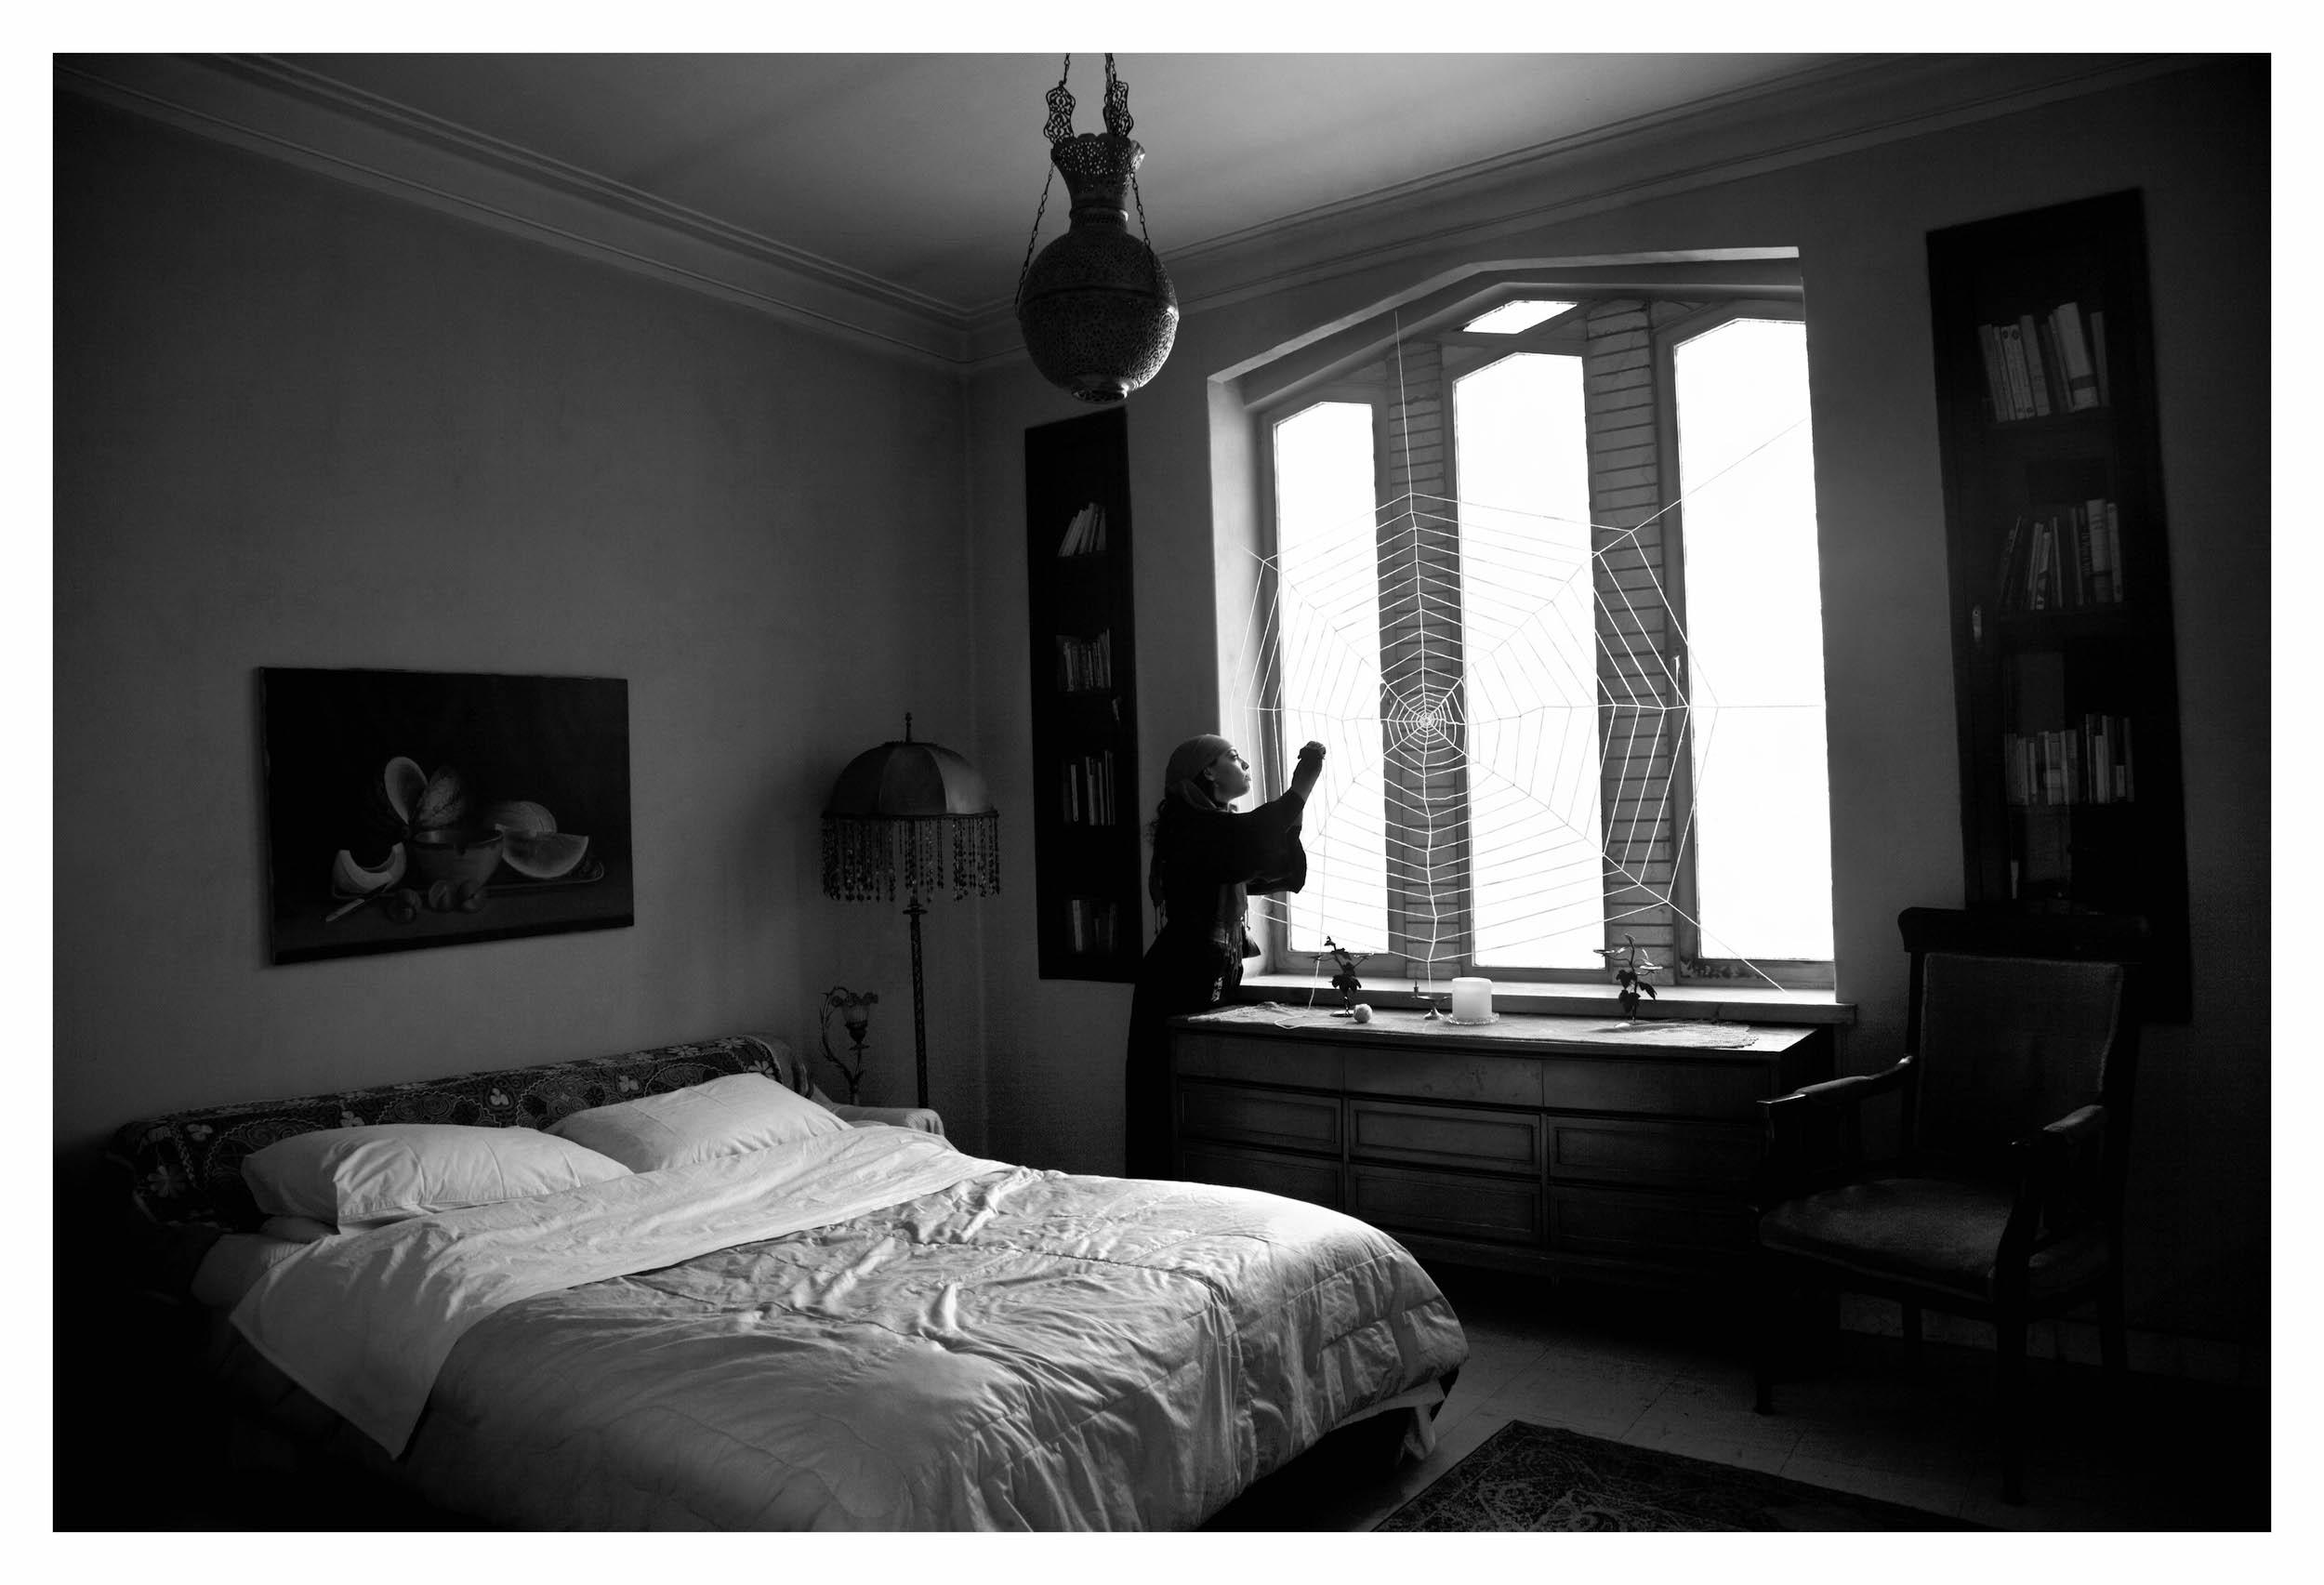 Alter-View_Photography_Showcase_Shadi_Ghadirian_2.jpg